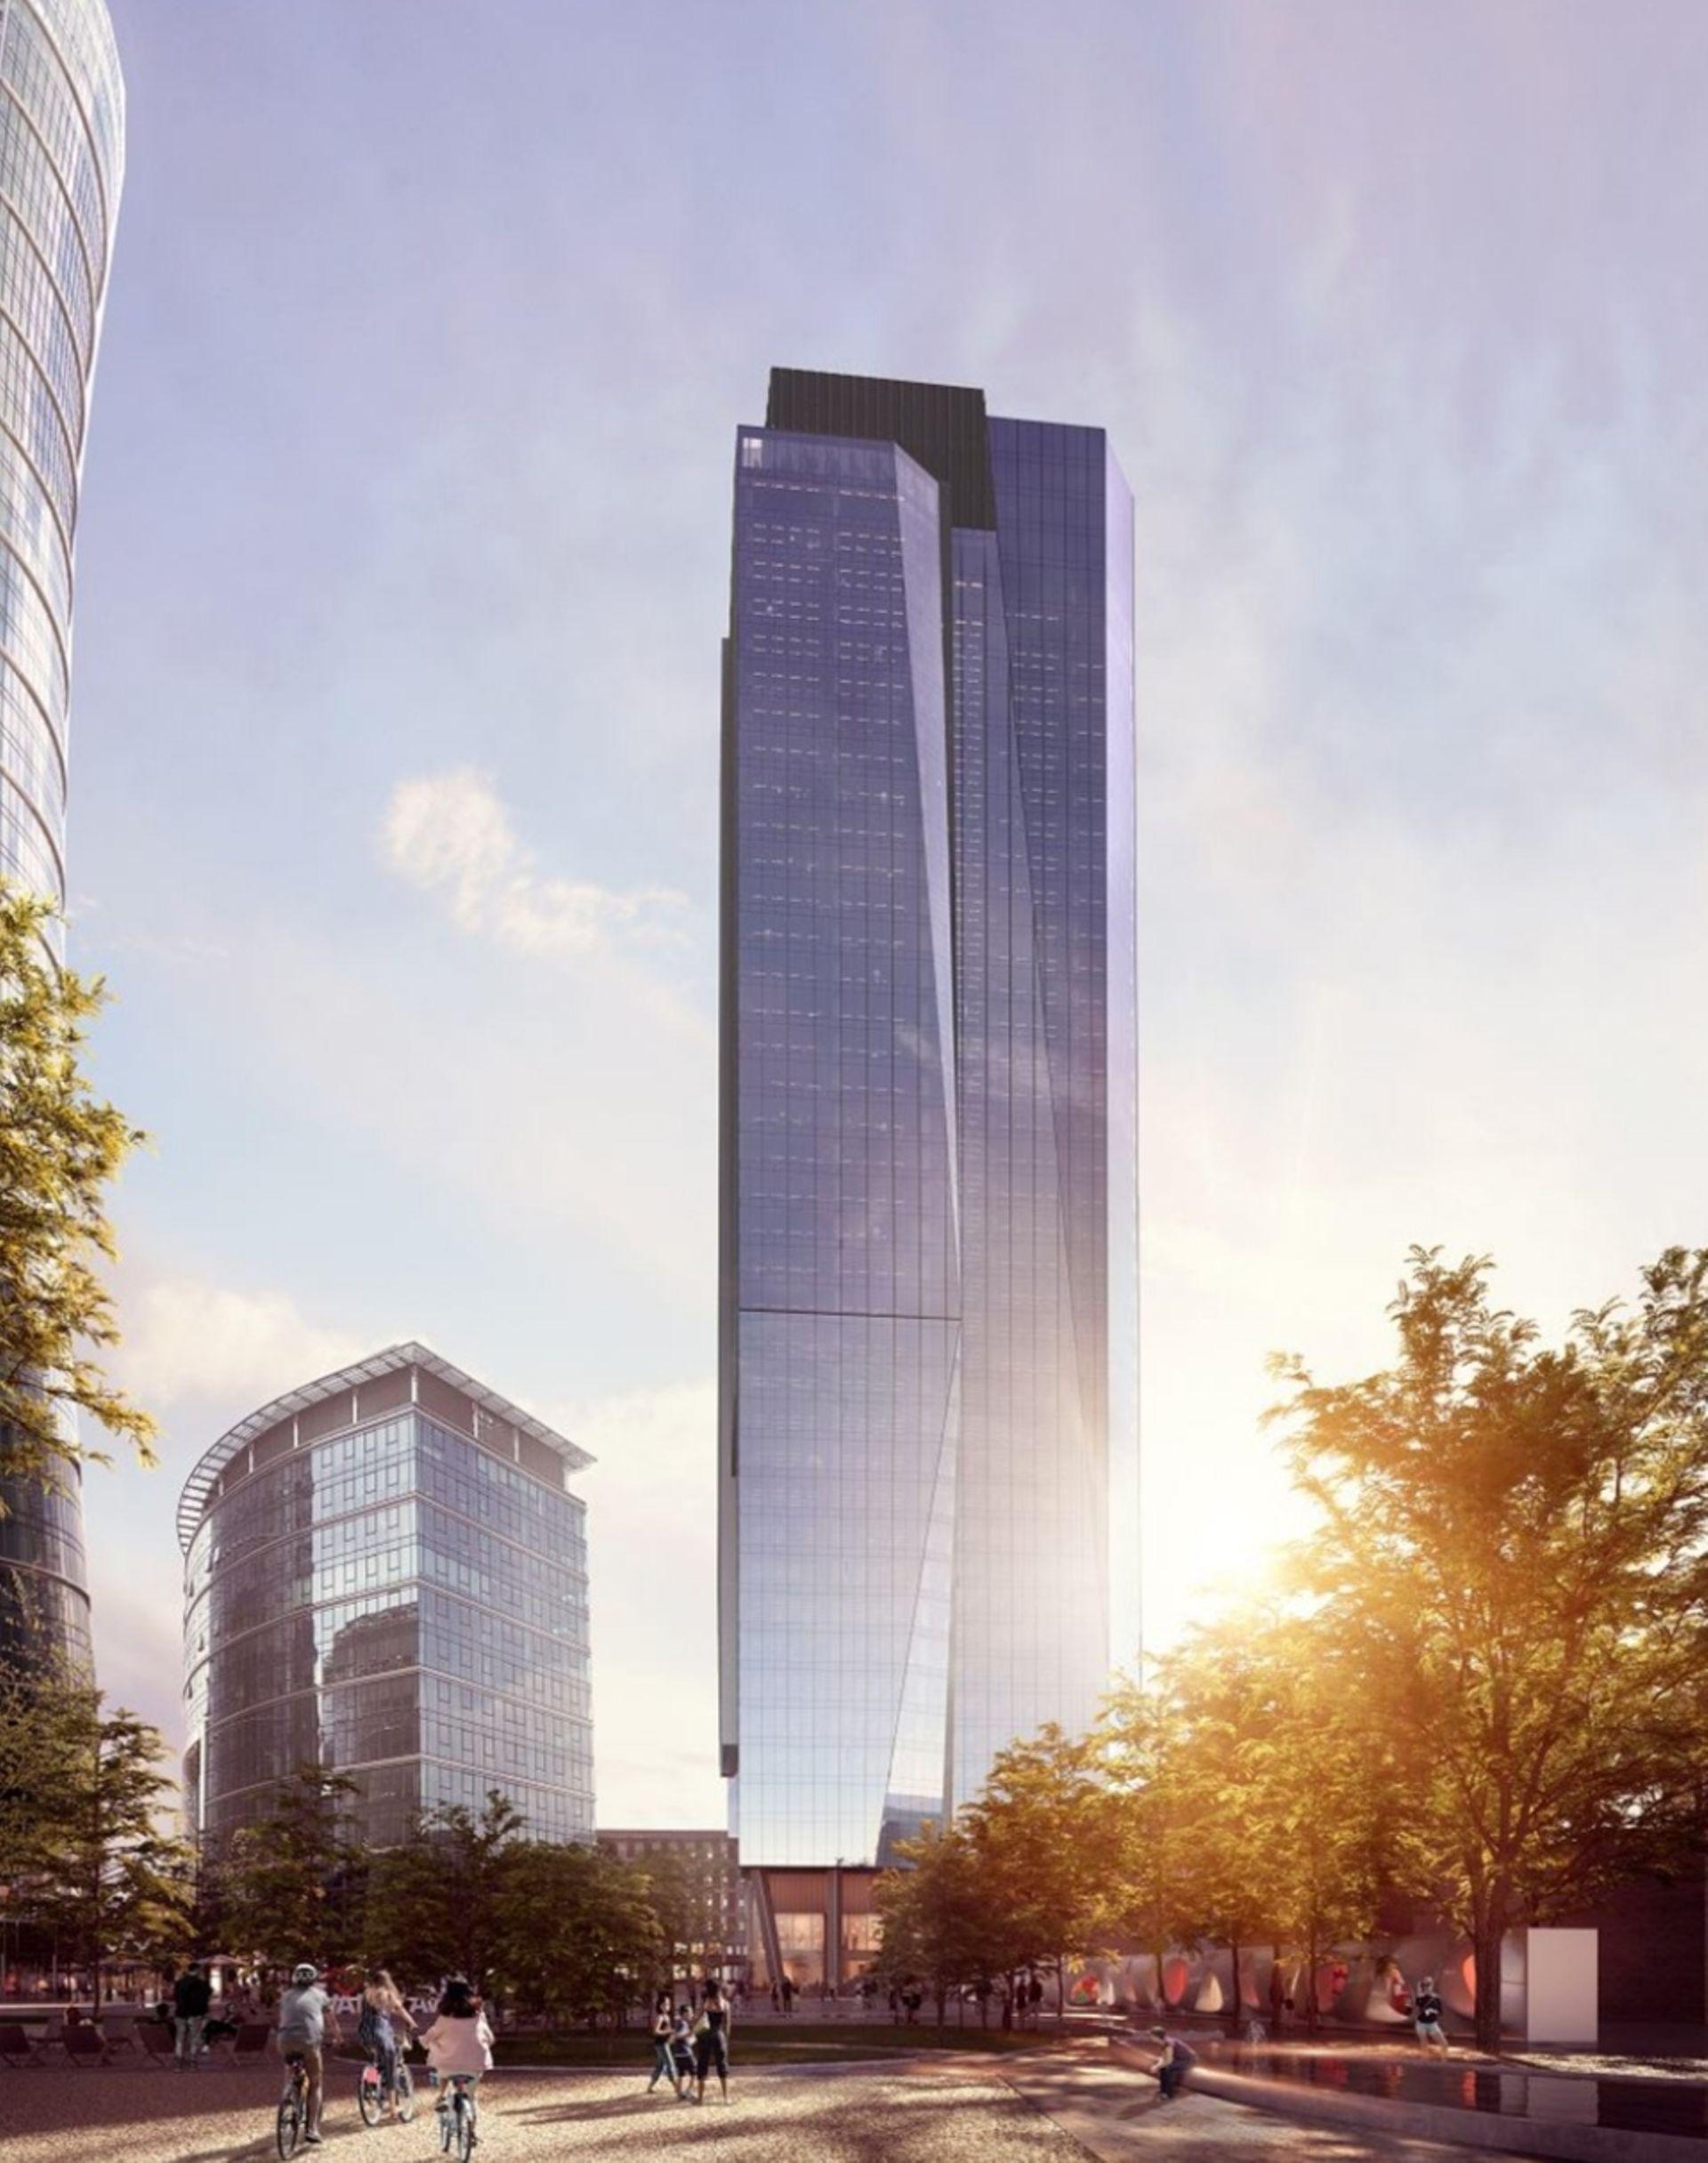 Warszawa: Trwa budowa 174-metrowego wieżowca The Bridge [FILM + WIZUALIZACJE]